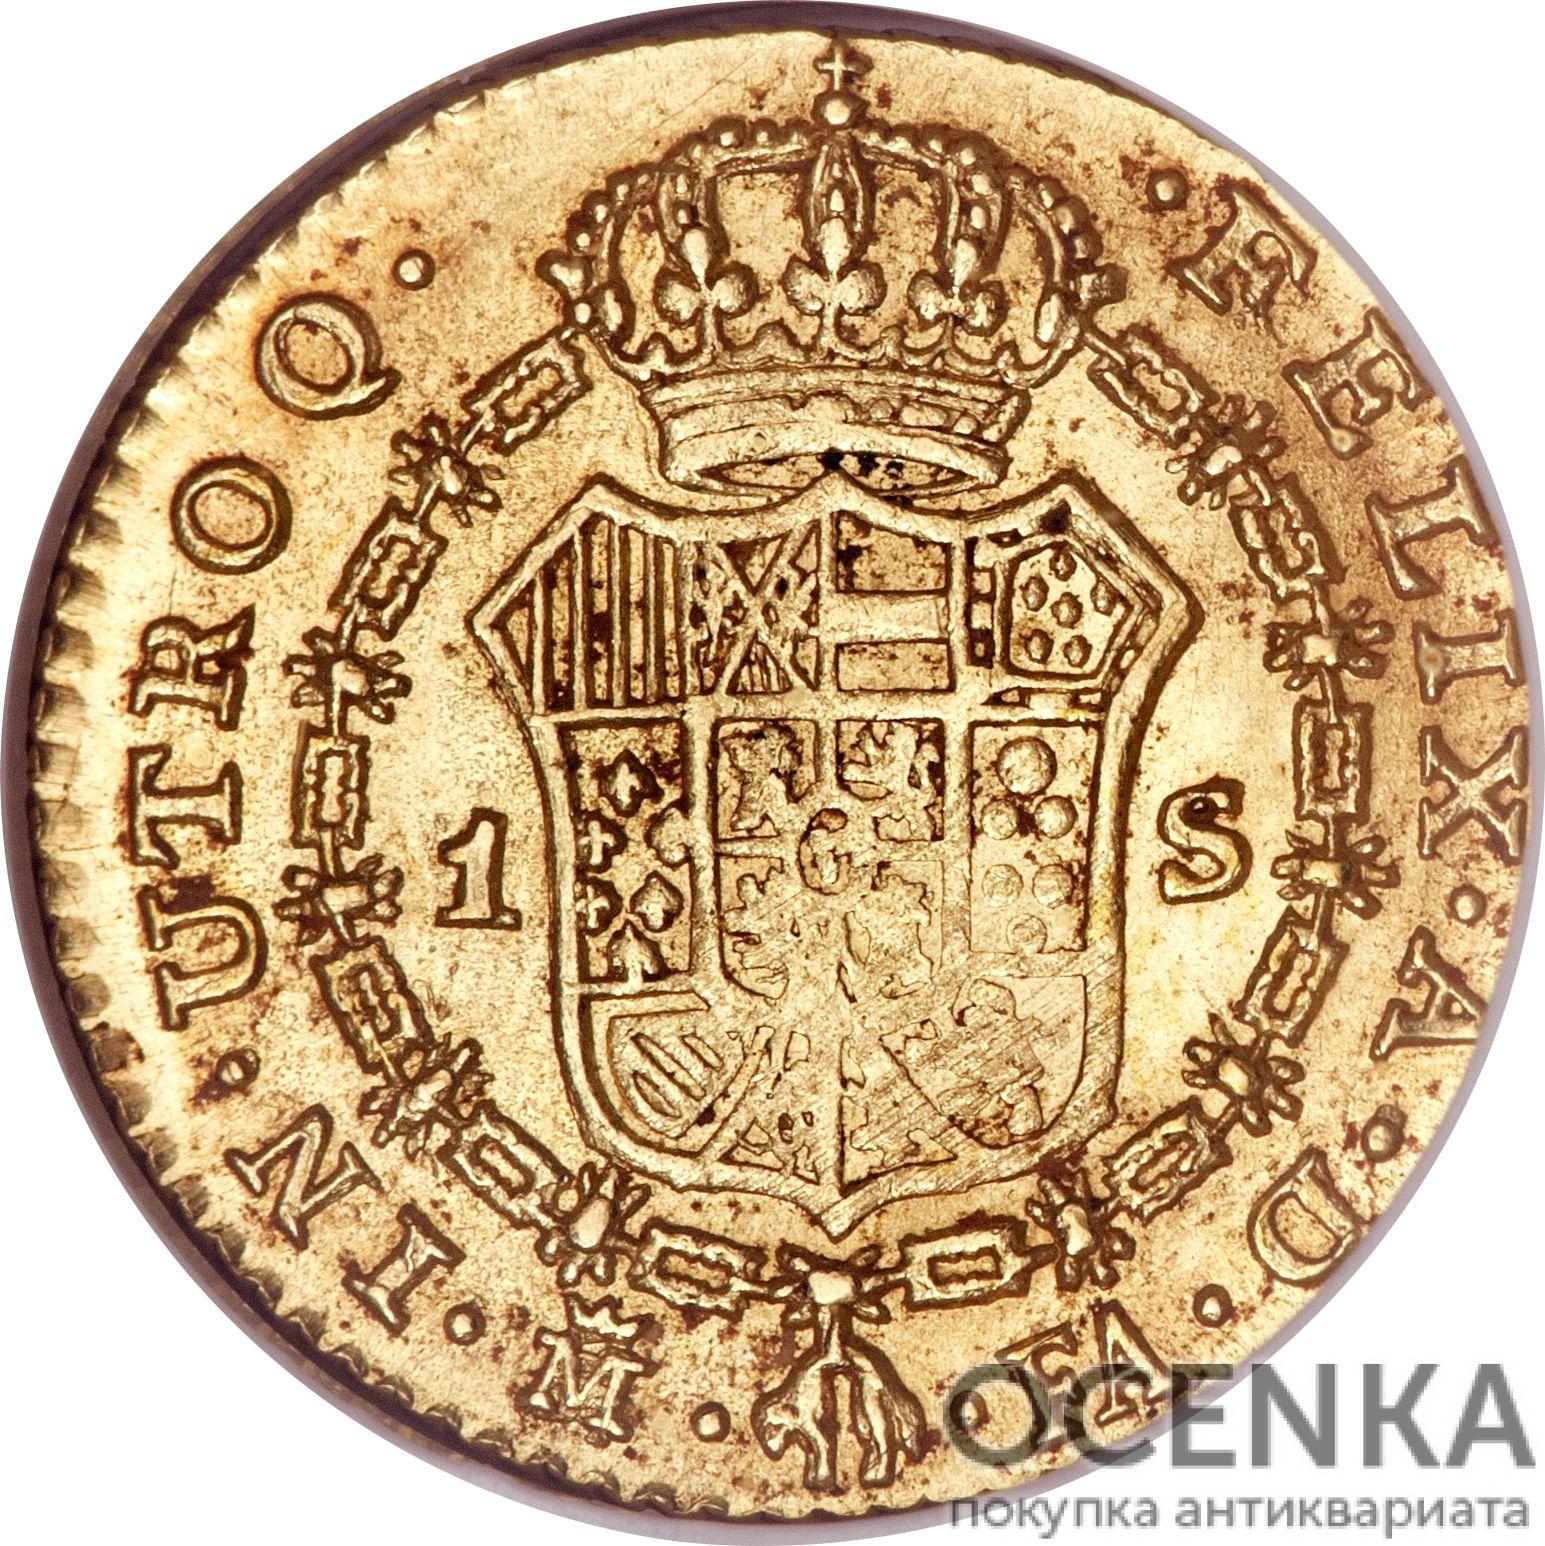 Золотая монета 1 Эскудо (1 Escudo) Испания - 6